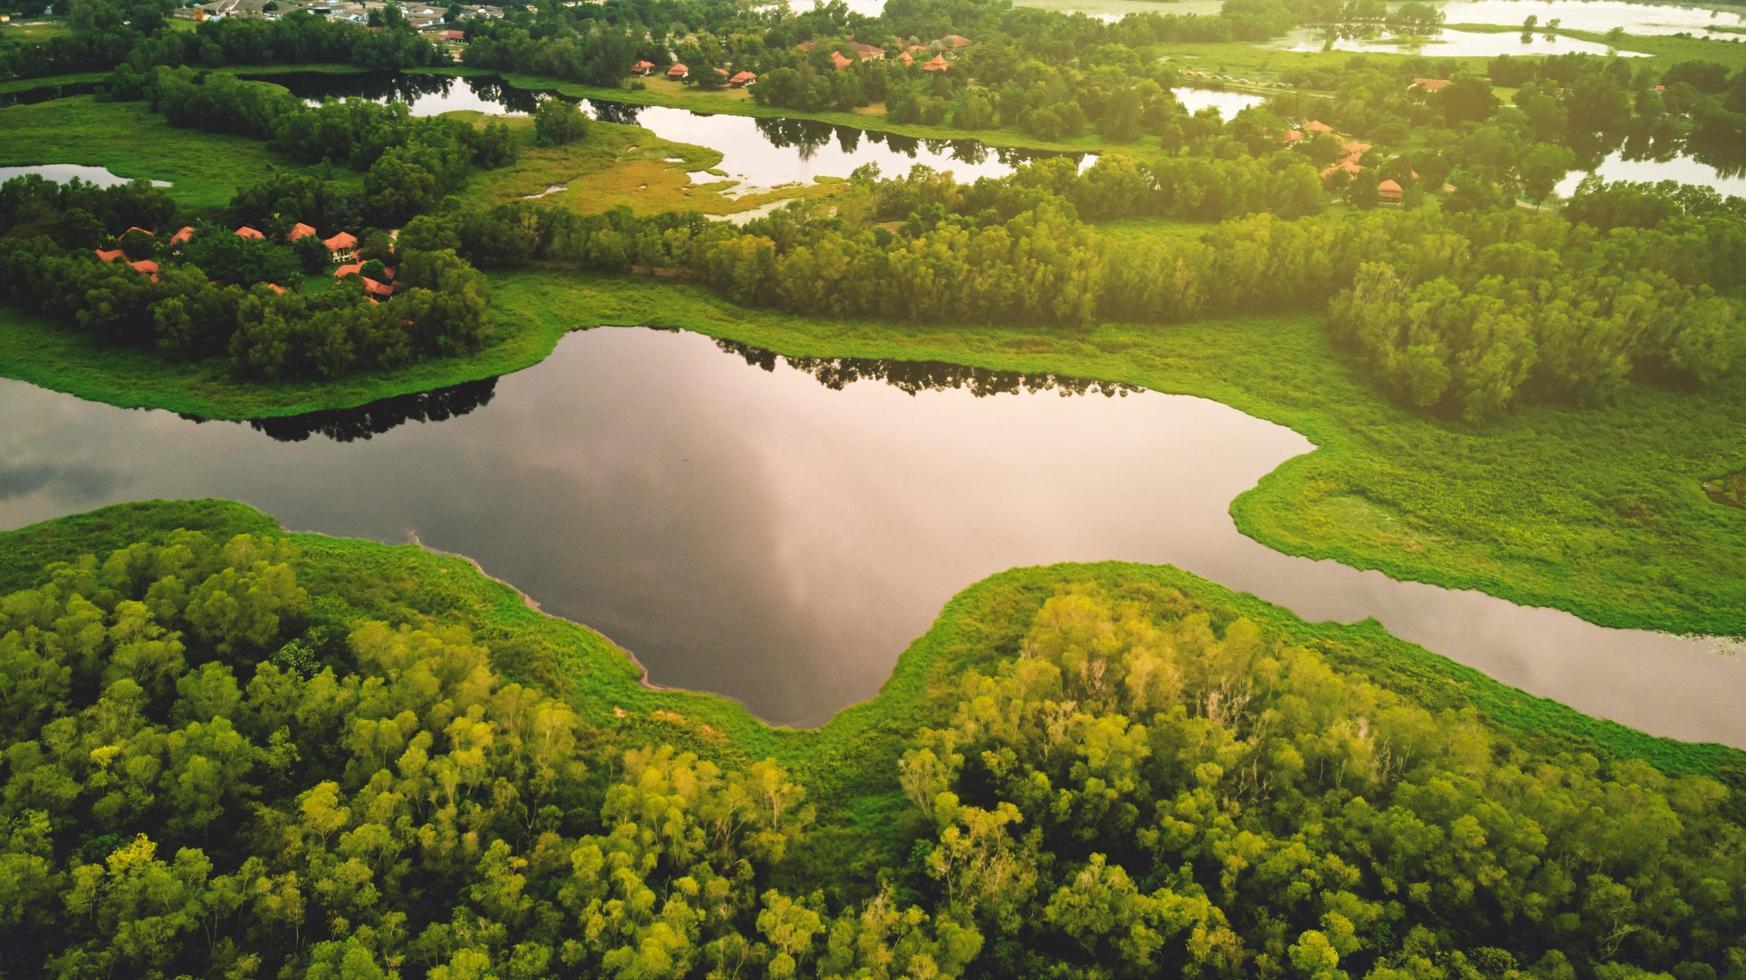 vista aerea del lago e degli alberi foto